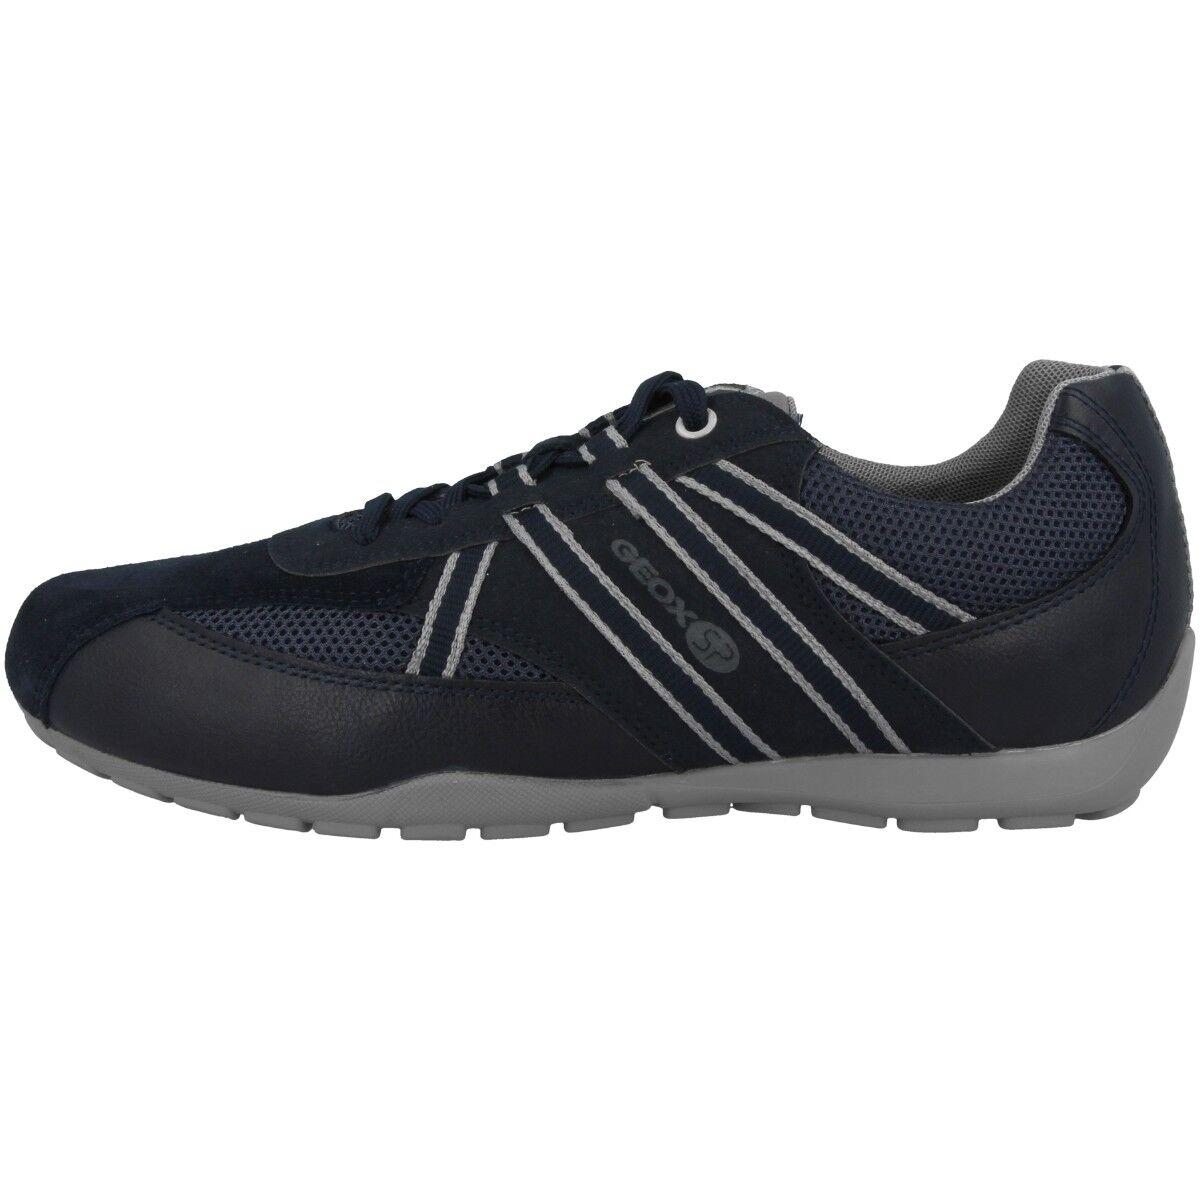 Geox u Ravex B Zapatos Hombre Deportiva de Tiempo Libre Azul Marino